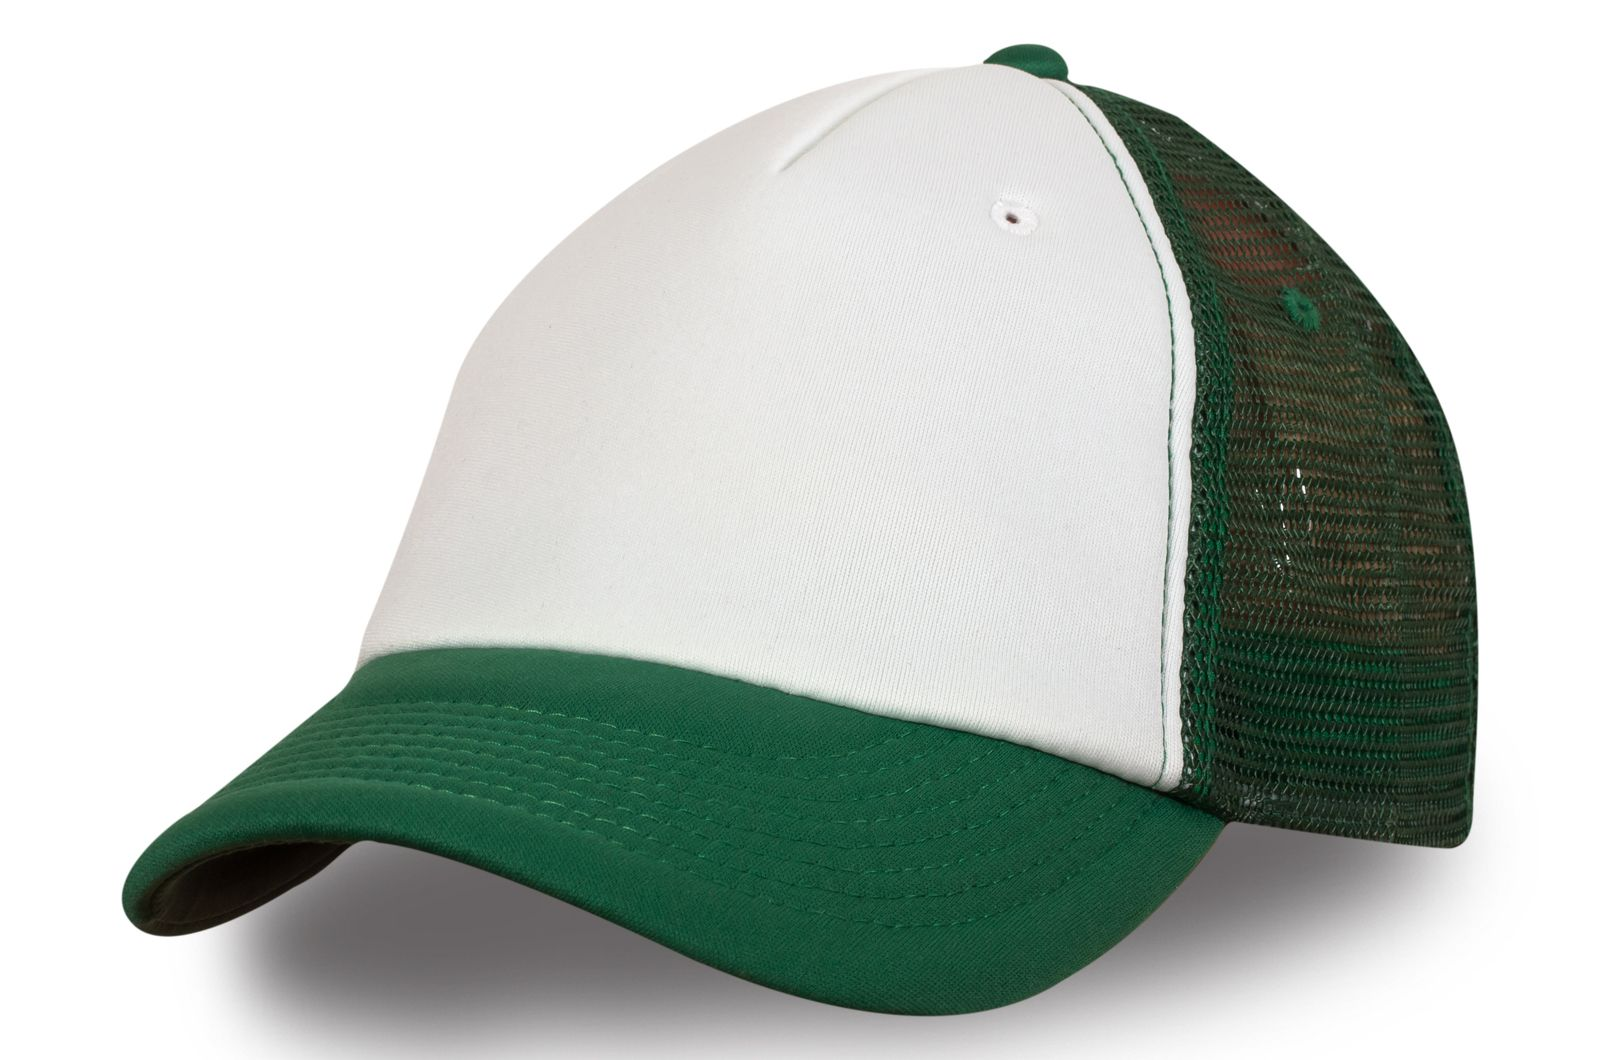 Сетчатая бейсболка бело-зелёная | Купить сетчатые бейсболки